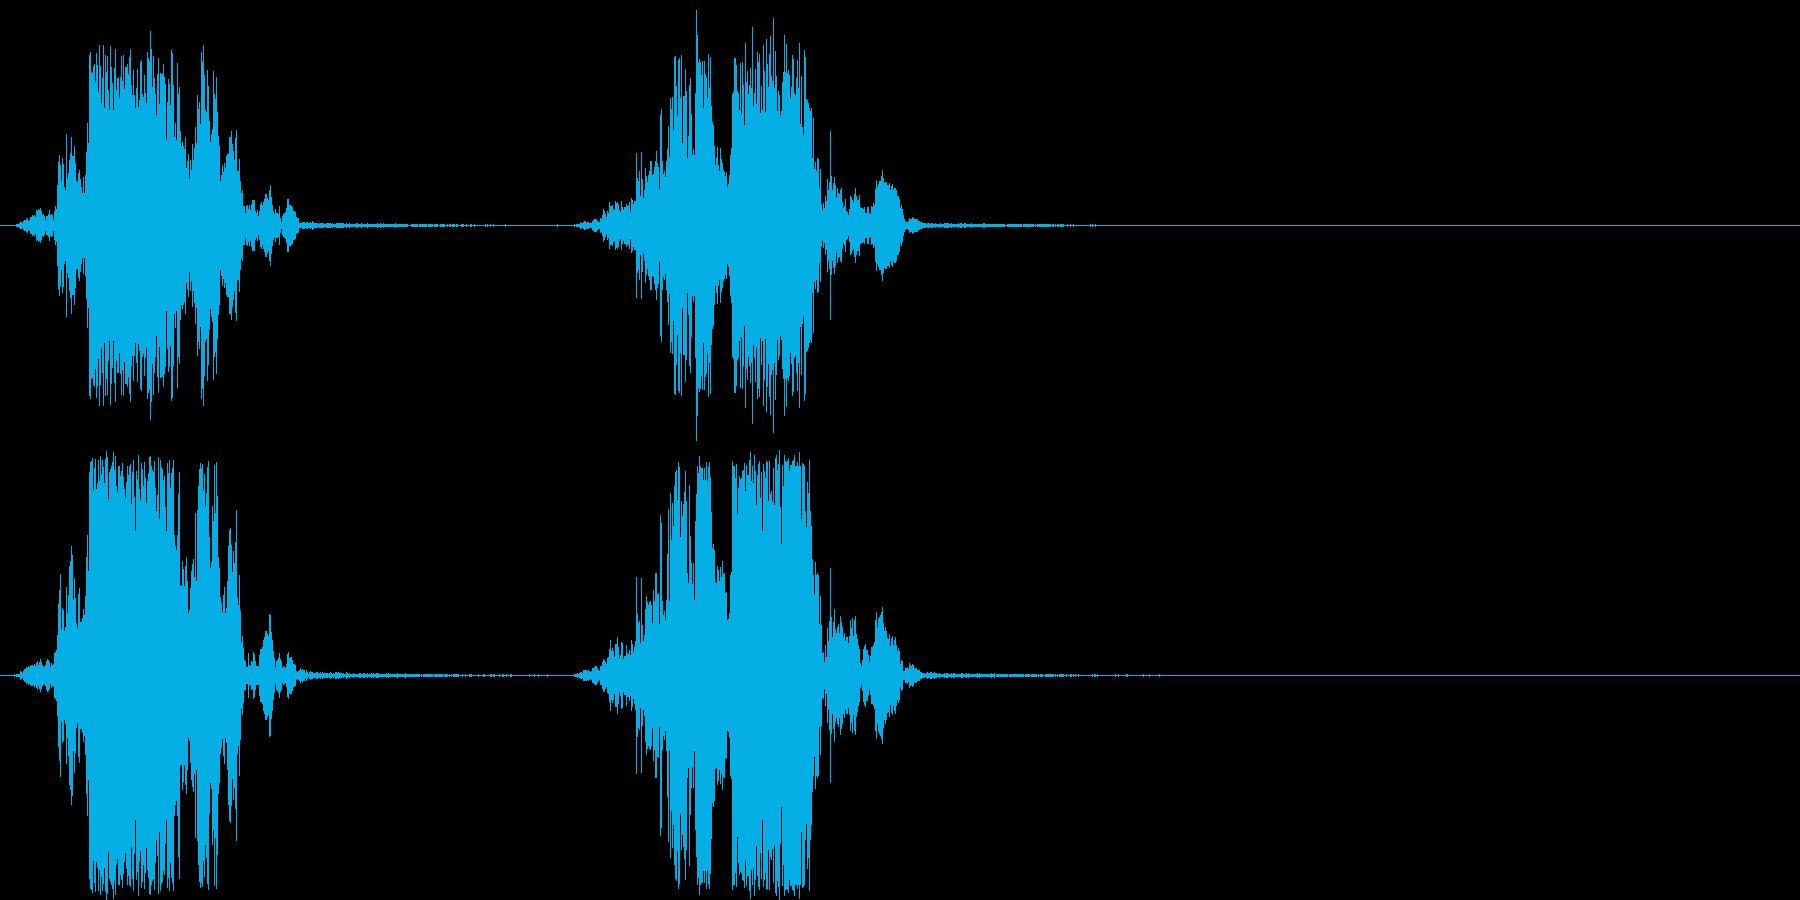 ザクザク 穴掘りの音の再生済みの波形